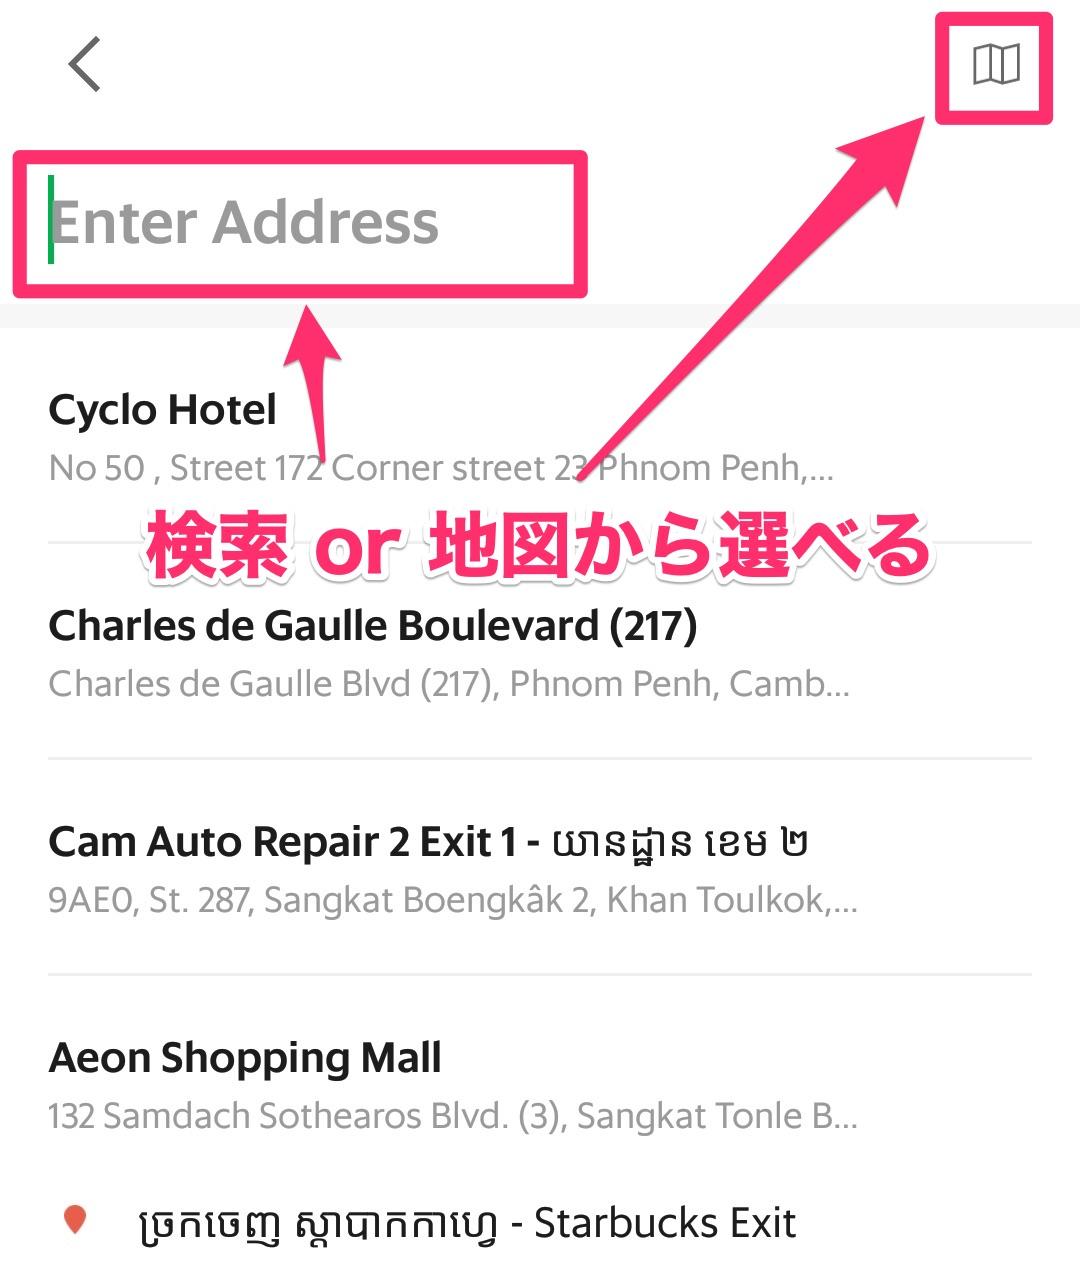 登録する場所を検索か地図から選ぶ